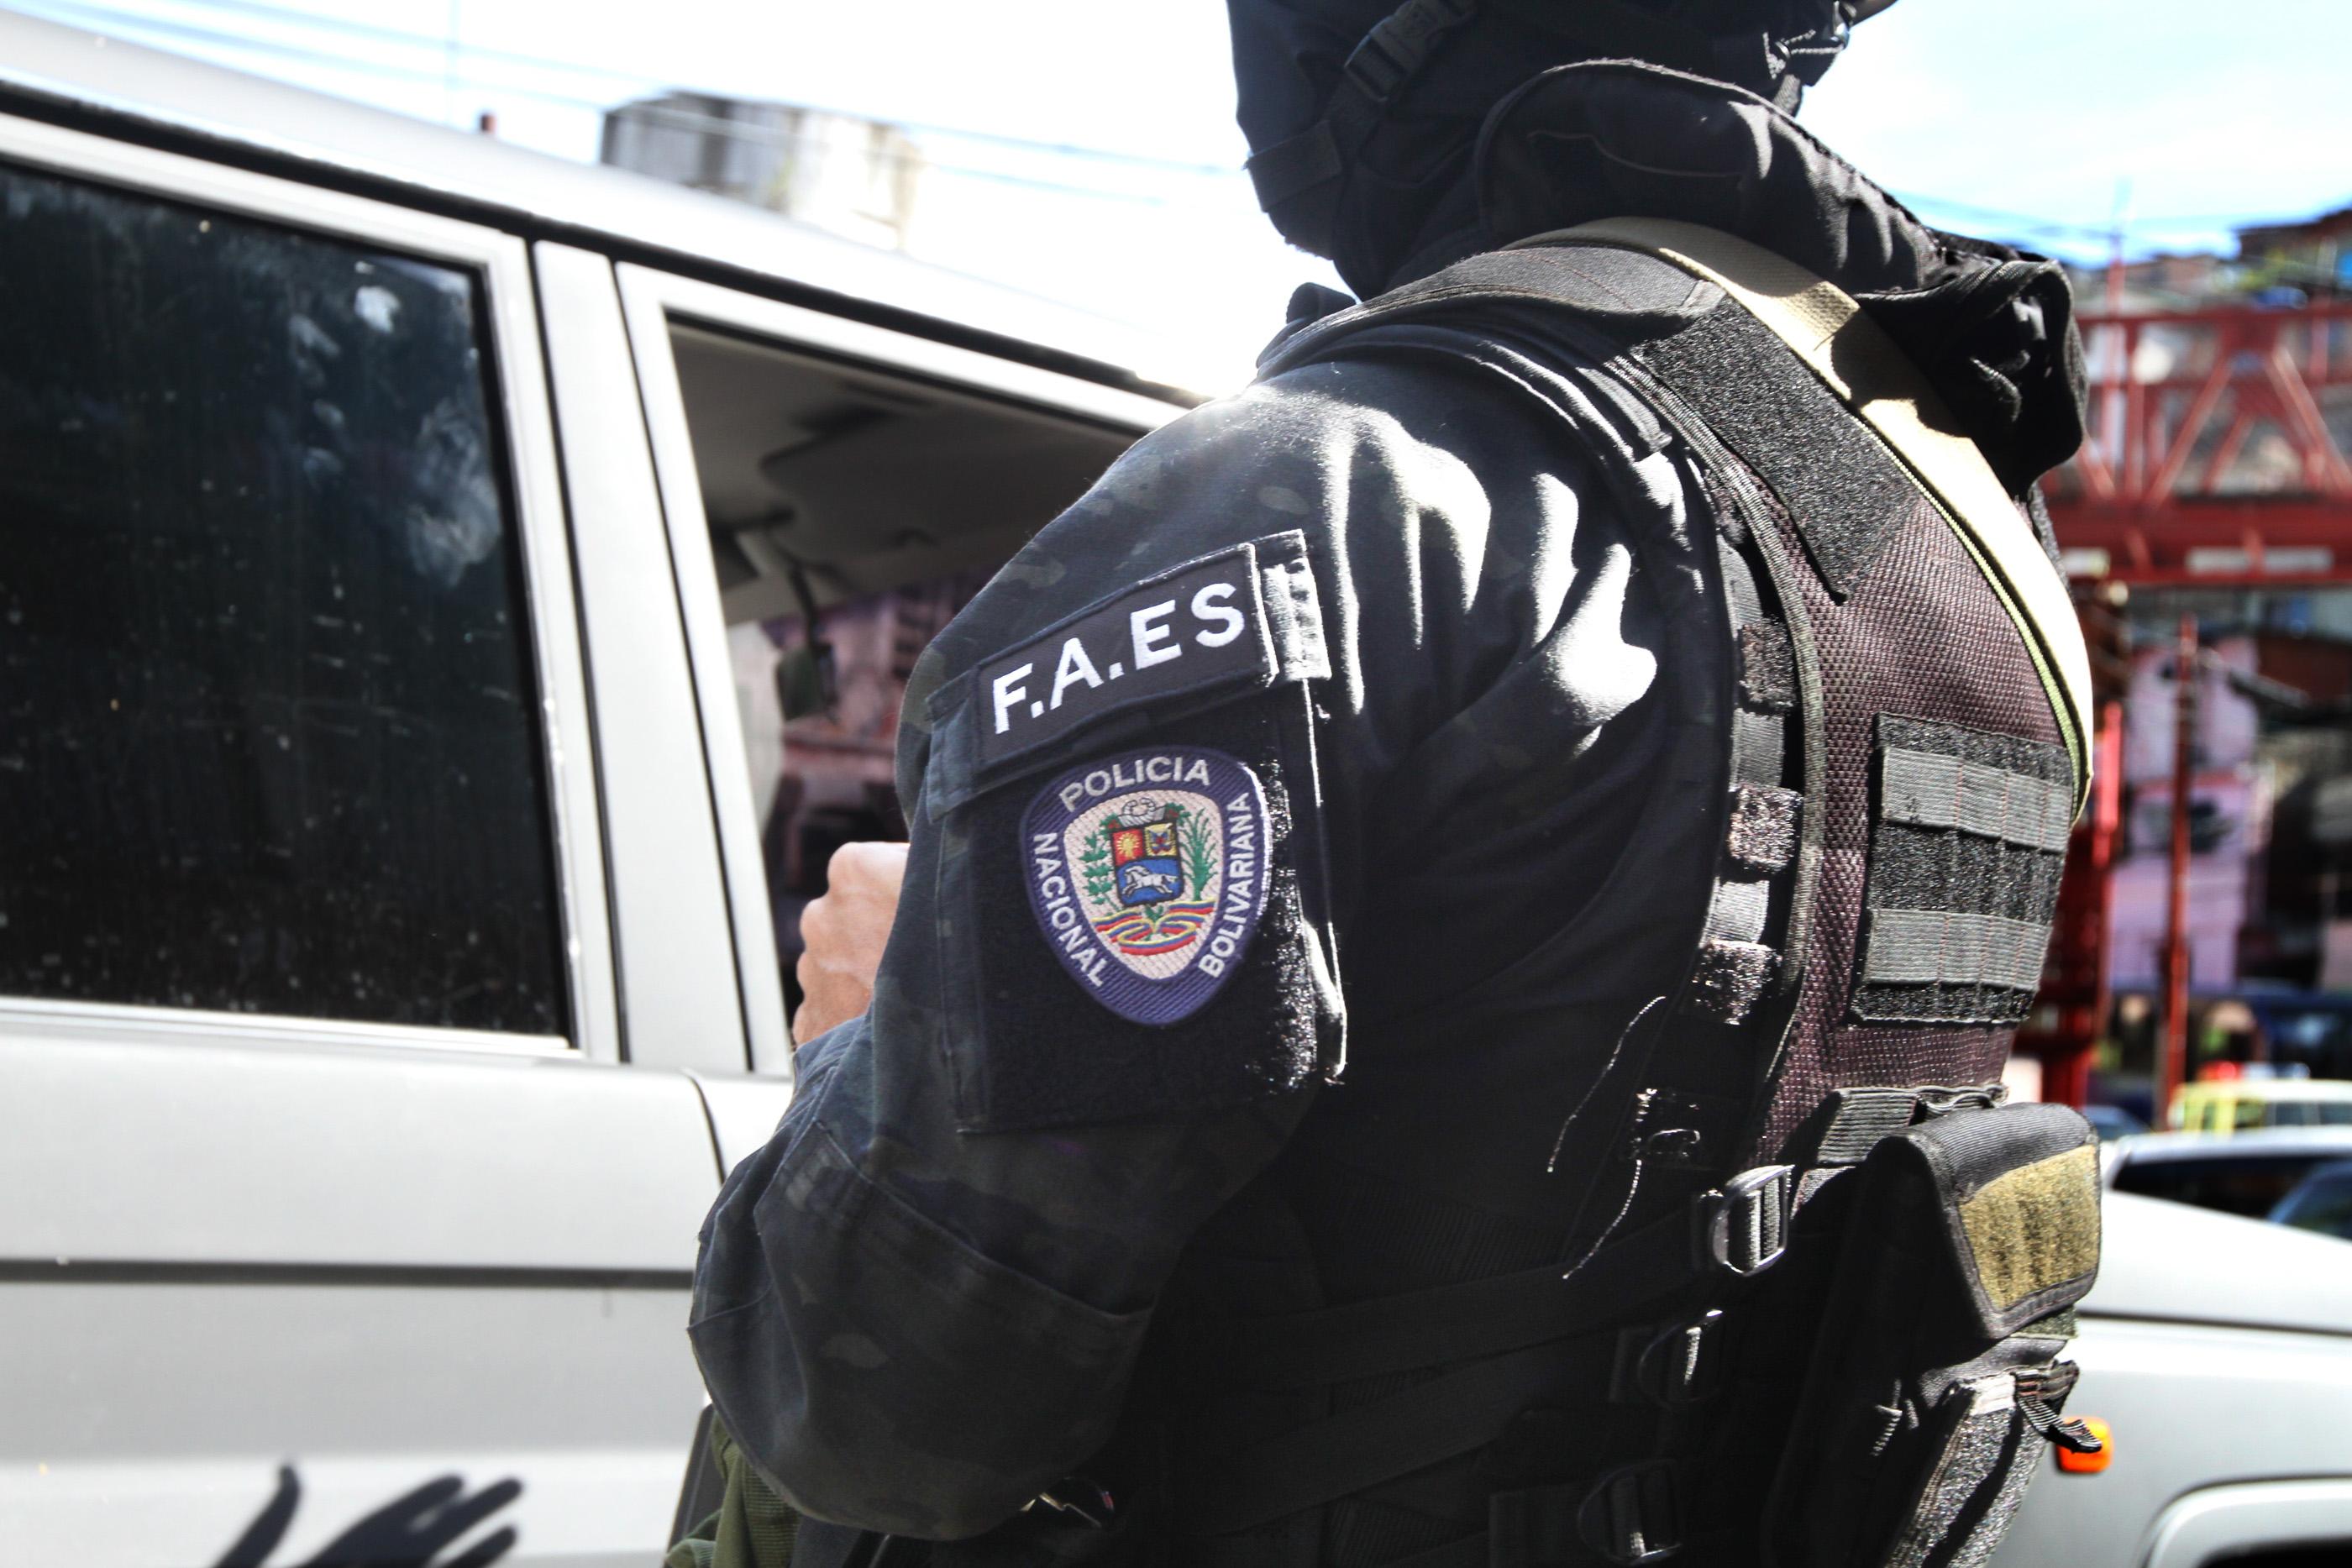 #MonitorDeVíctimas | Señalan que FAES mató a comerciante en su casa del barrio San Blas de Petare